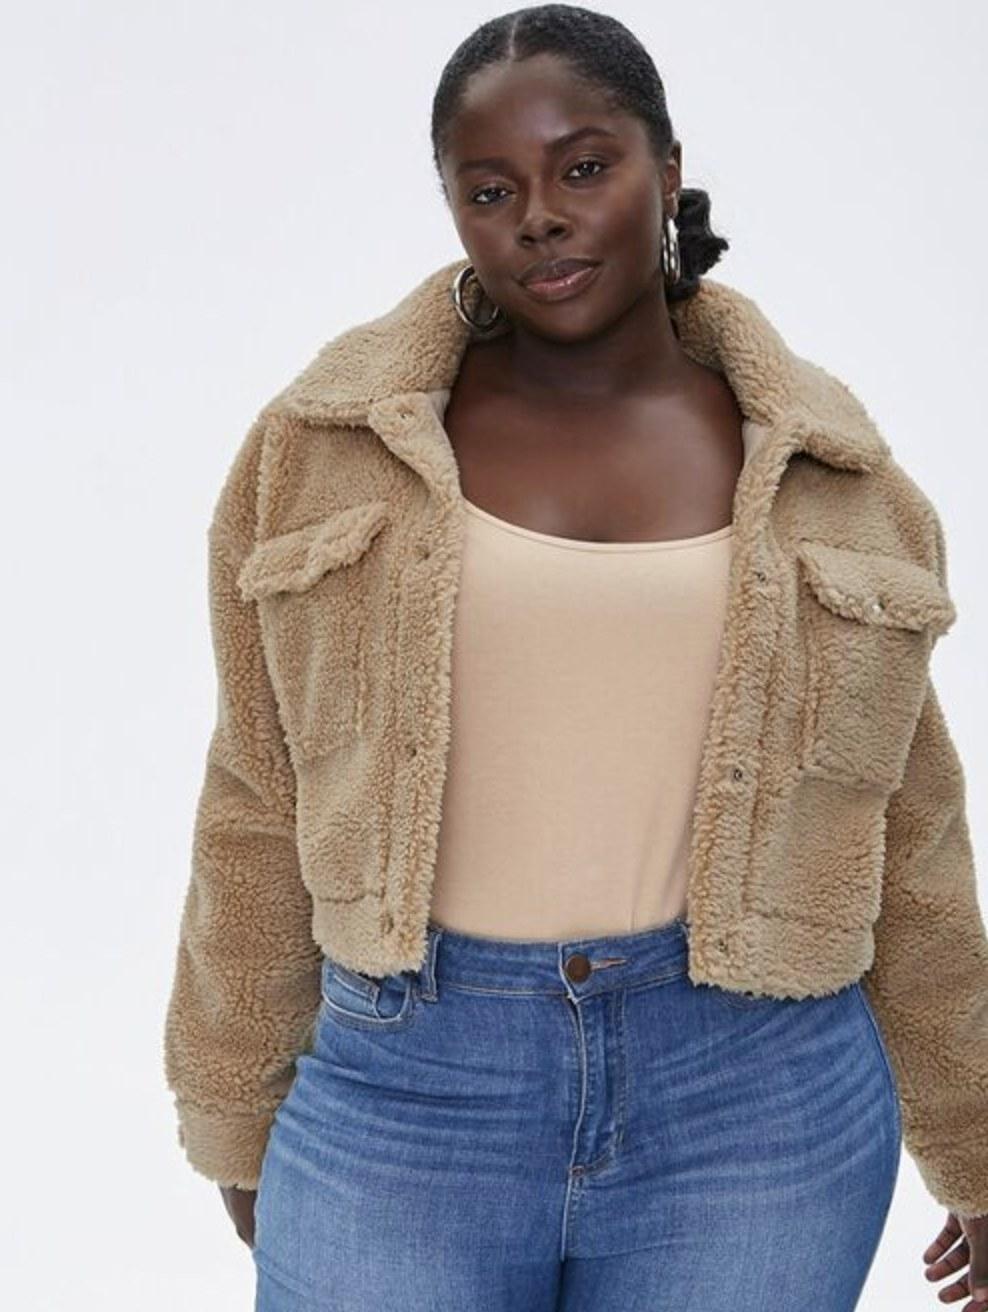 Model is wearing a tan sherpa jacket, beige tank top and blue jeans